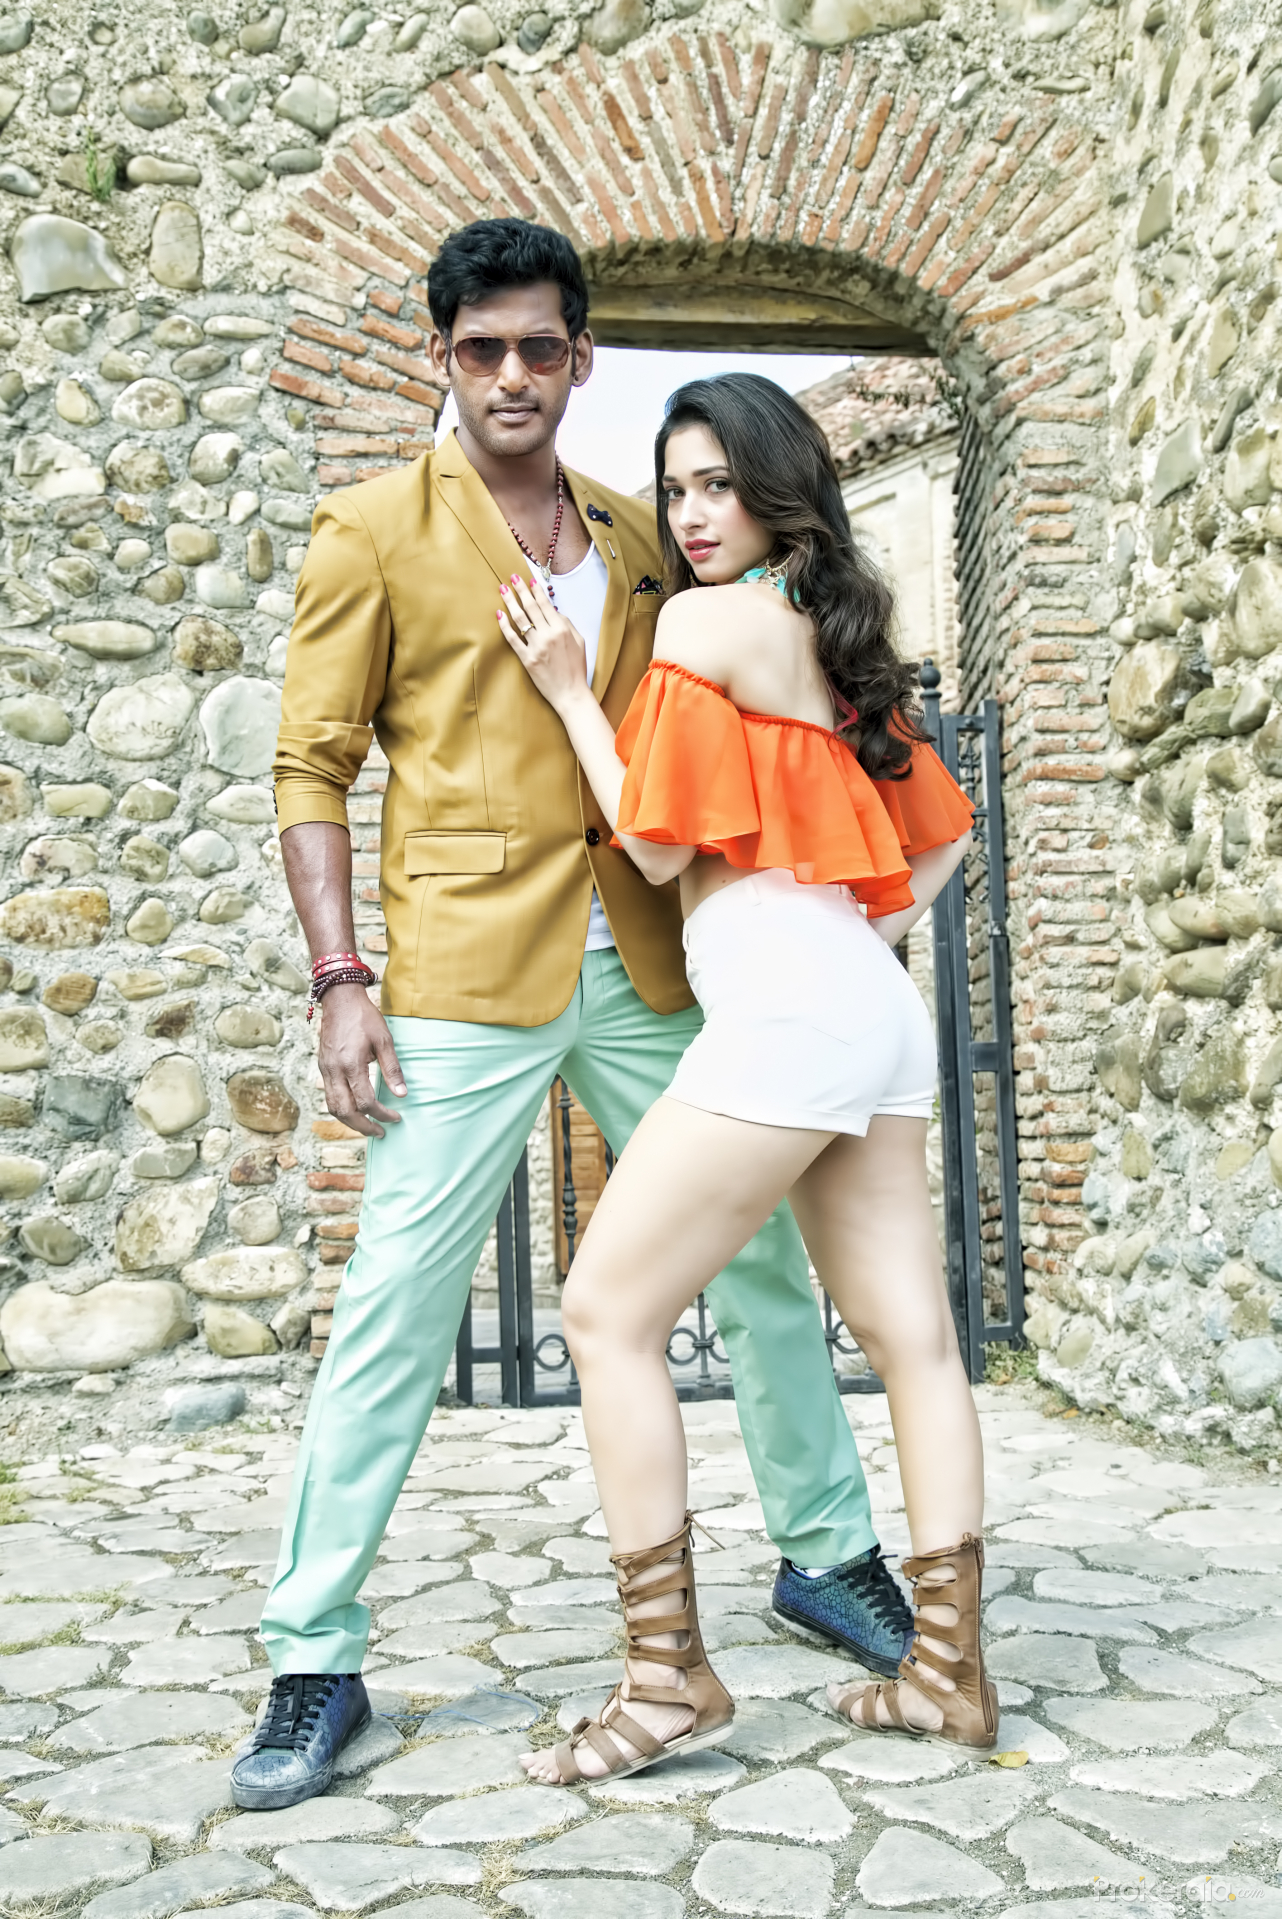 okkadochadu and kaththi sandai movie still still # 6